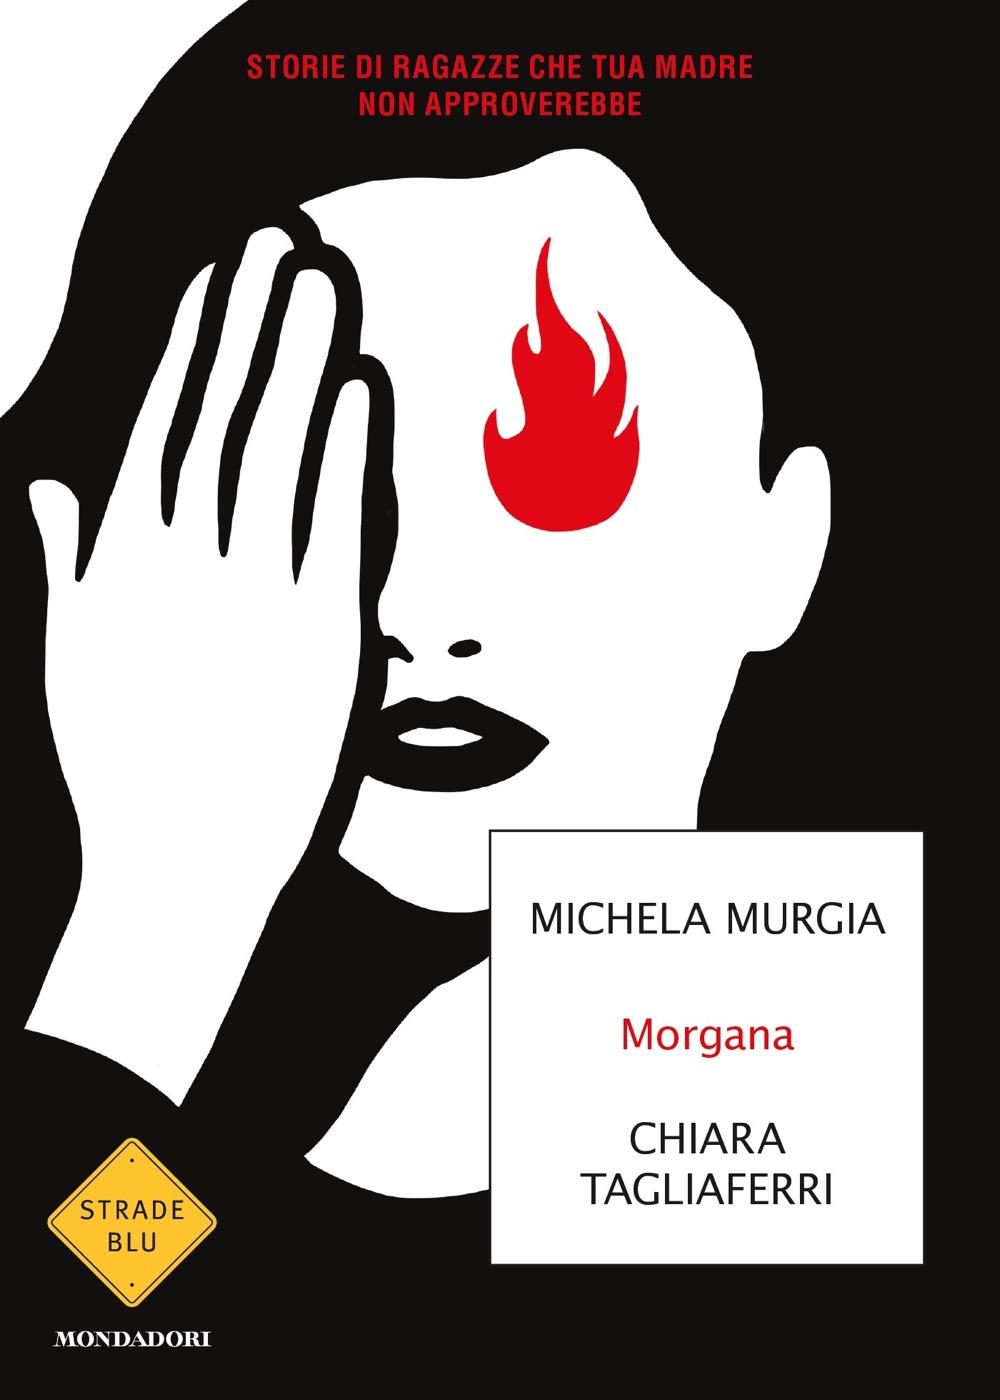 Morgana – Michela Murgia e Chiara Tagliaferri